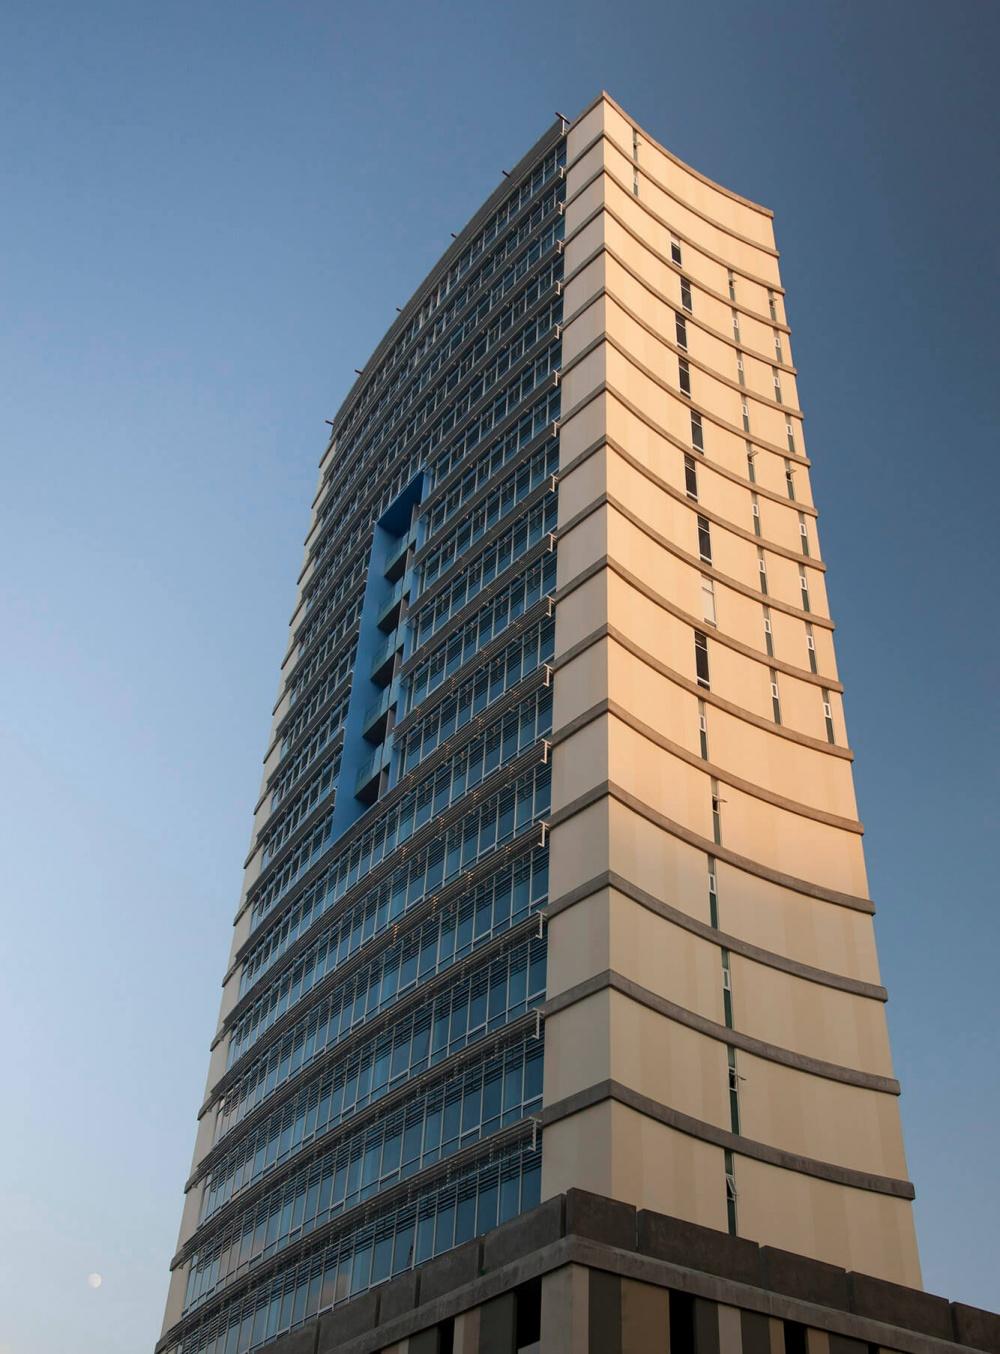 Edificio de Torres Zafiro